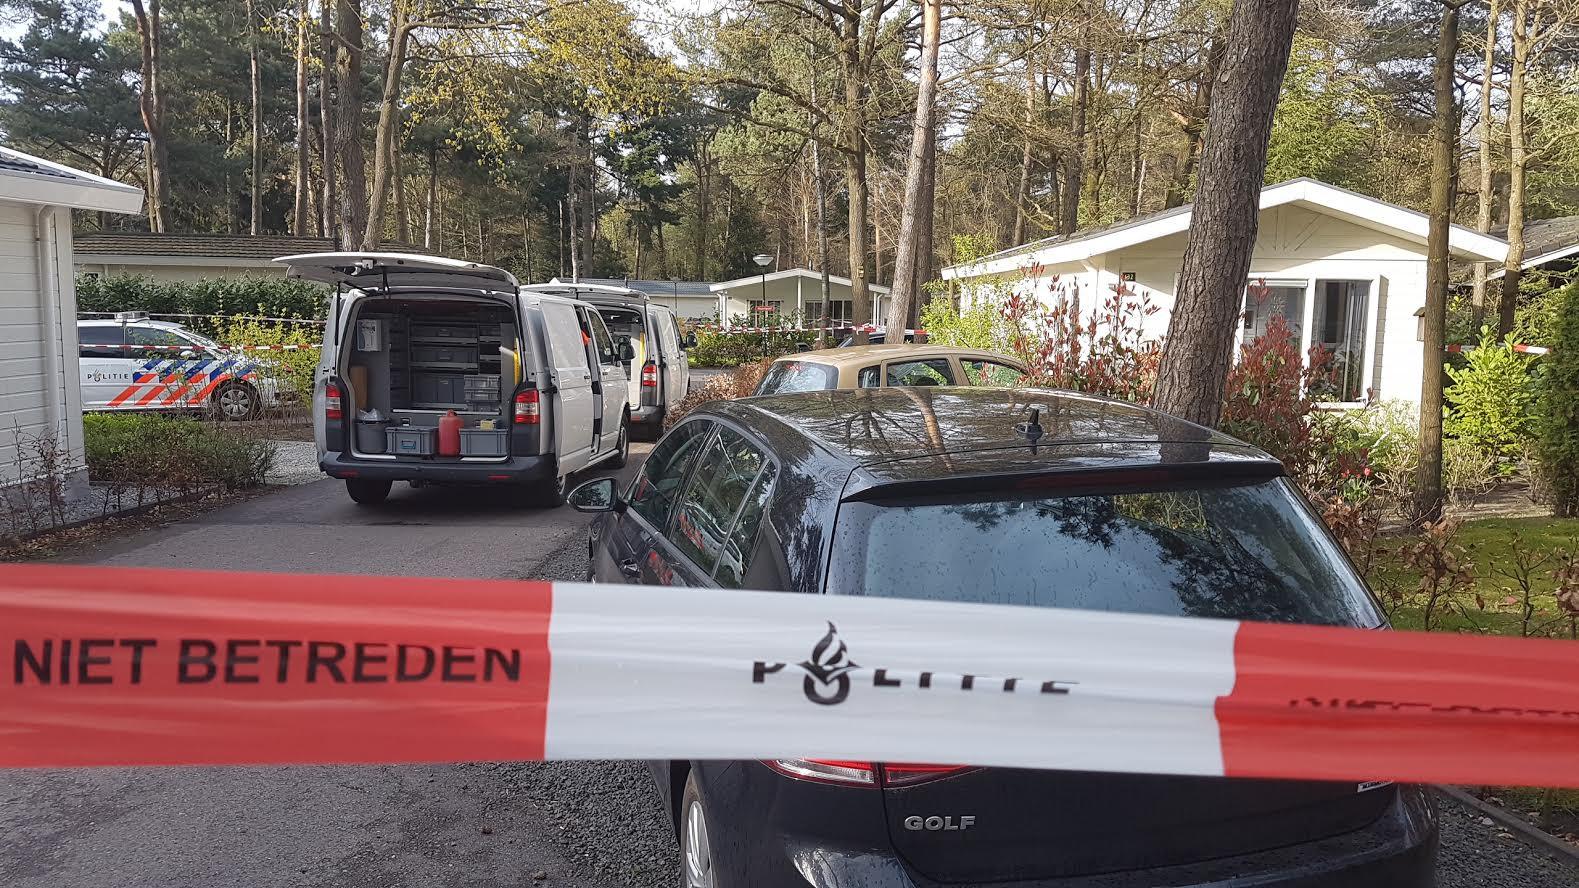 De politie doet onderzoek in Beekbergen naar de dode die daar gevonden is op een vakantiepark